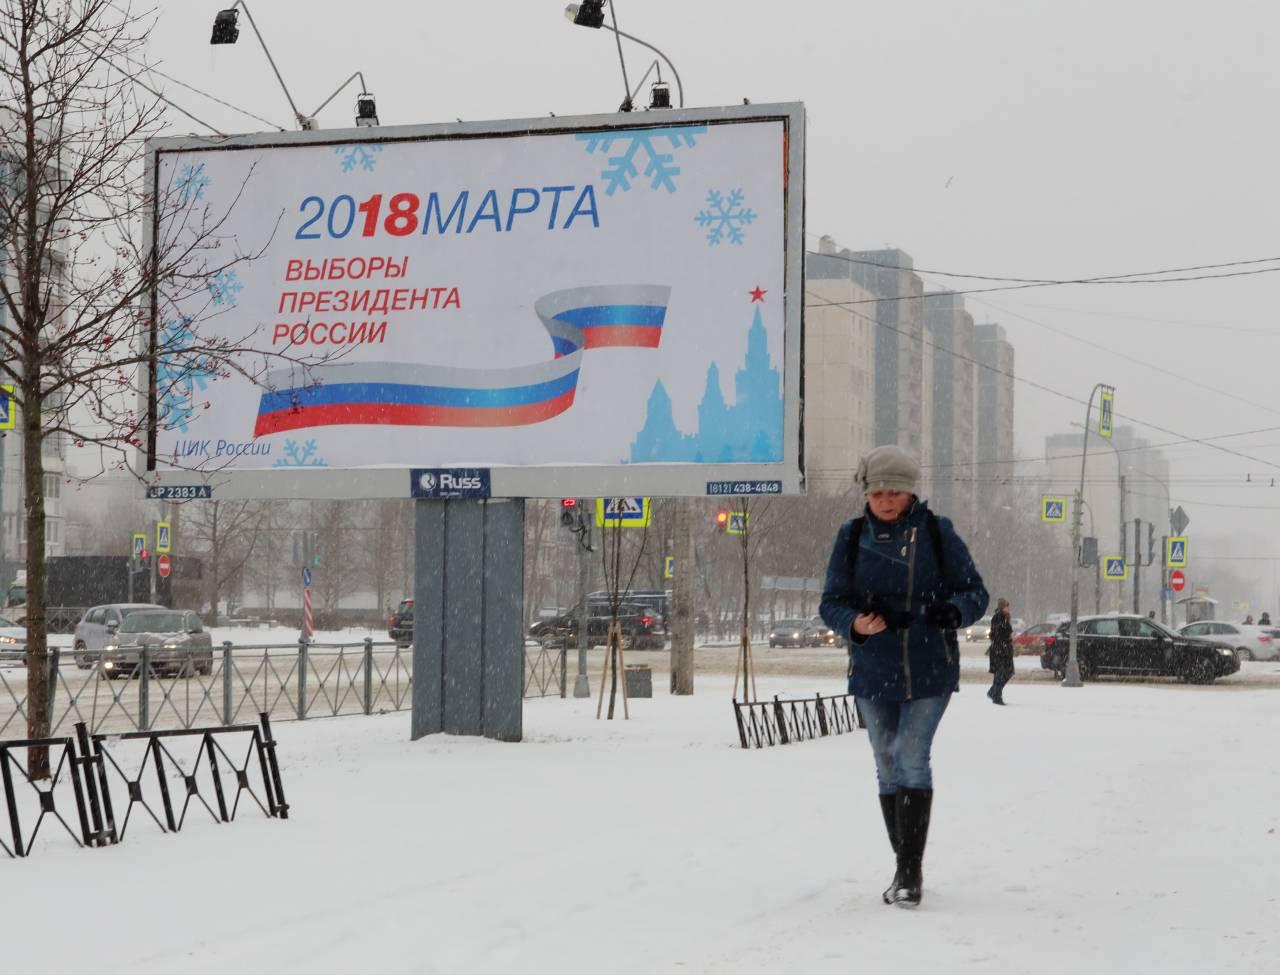 Посольство Российской Федерации вСША прокомментировало требование Вашингтона поповоду президентских выборов